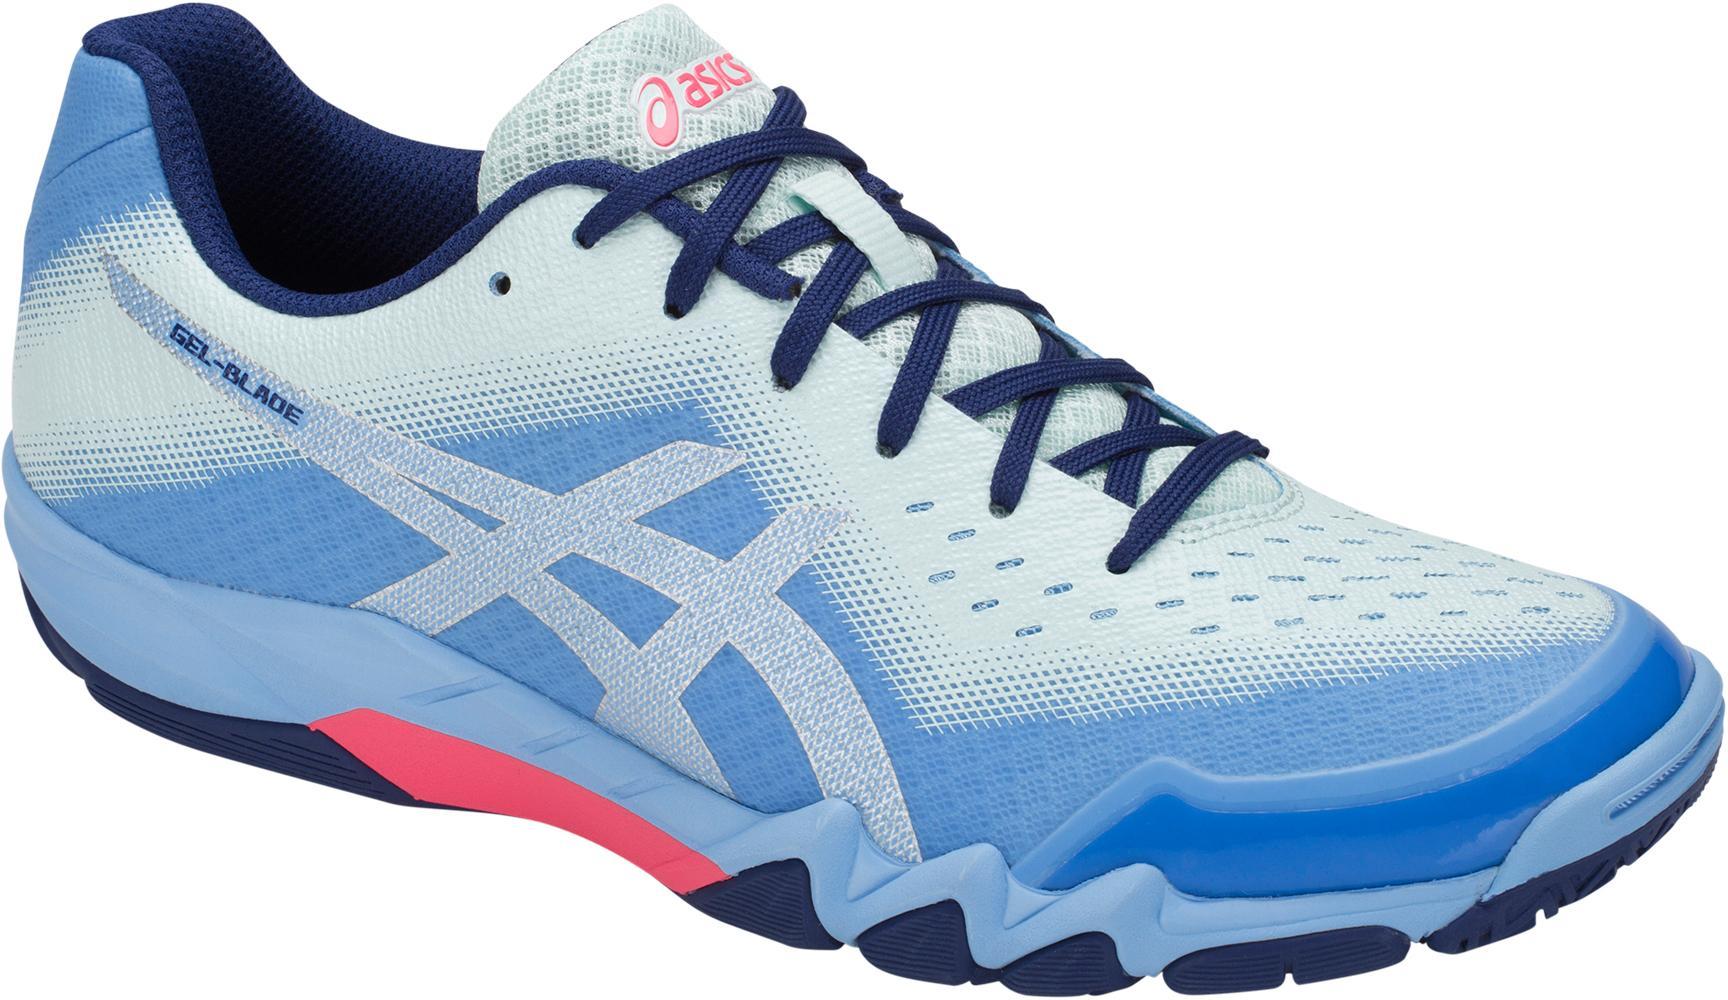 ASICS GEL-BLADE 6 Hallenschuhe Damen Blau bell-silver im Online Shop von SportScheck kaufen Gute Qualität beliebte Schuhe